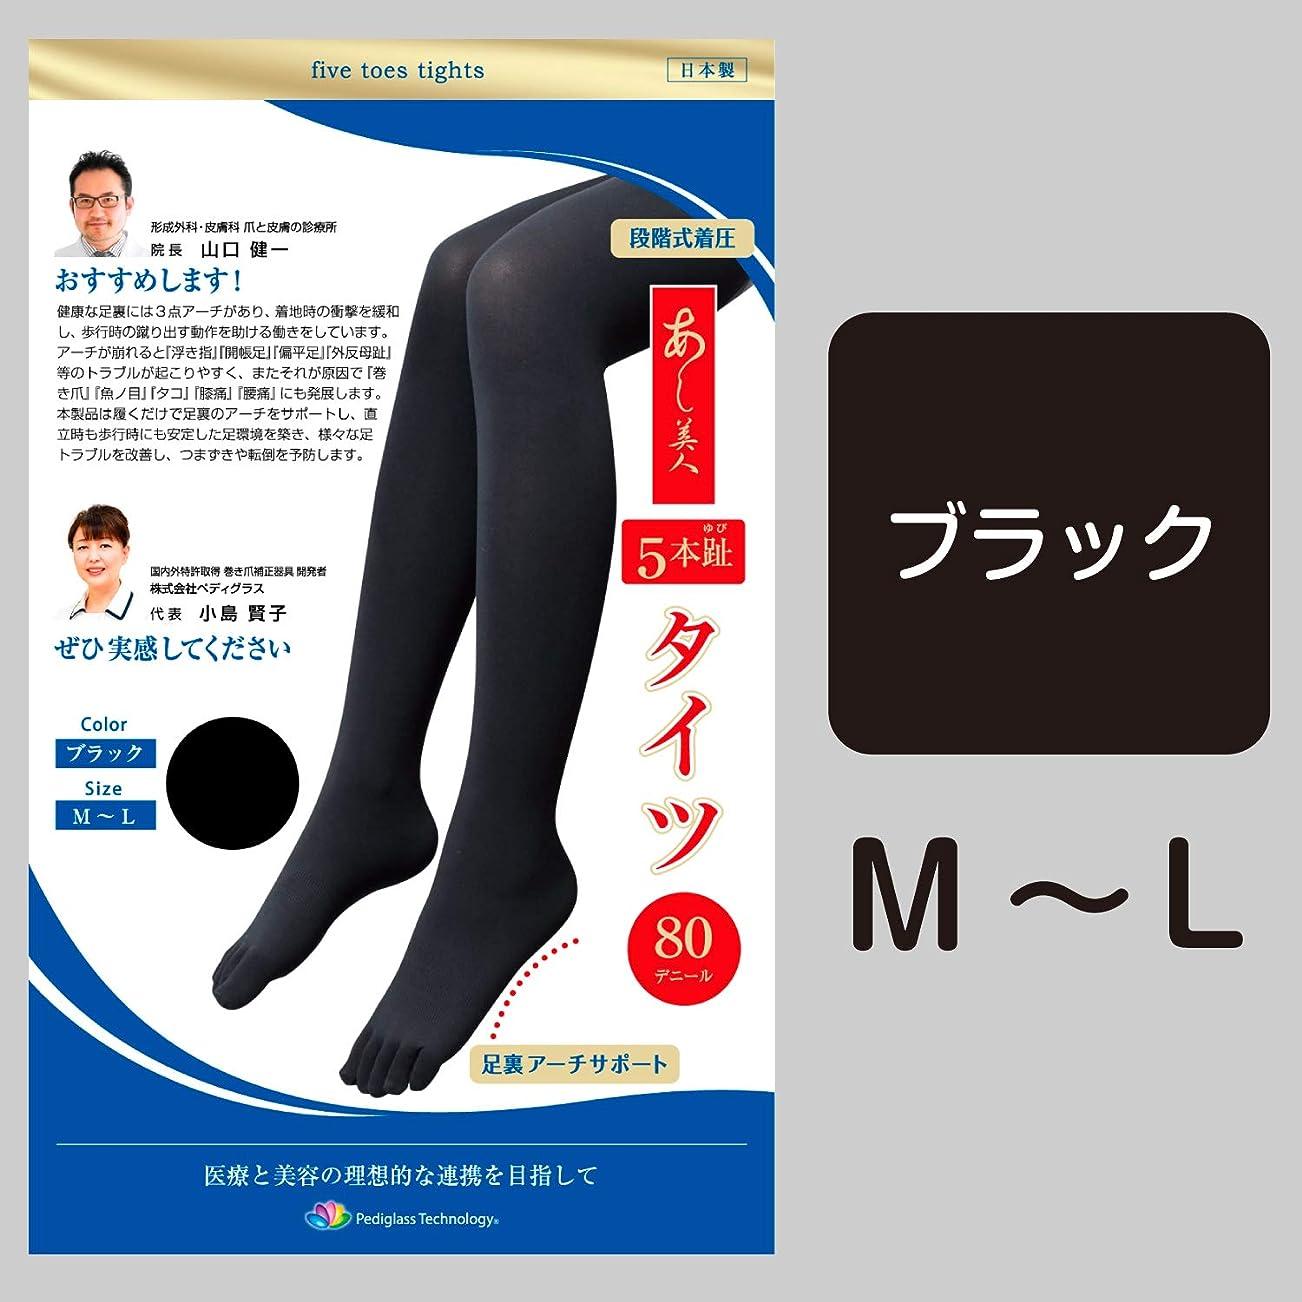 平凡判定アトミックあし美人 5本ゆび タイツ (M-L)